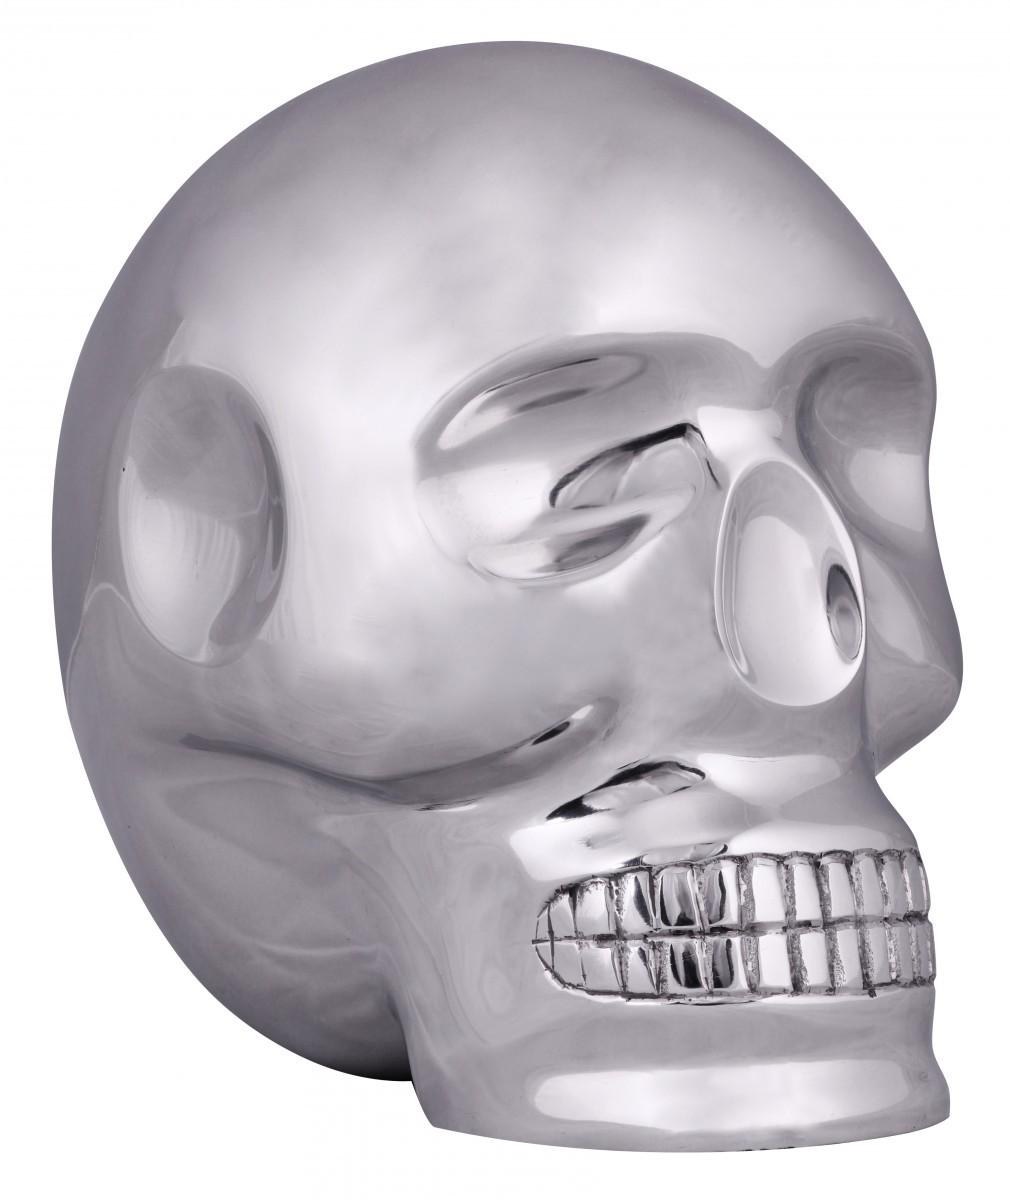 FineBuy Design Deko Skull XXL 23 x 23 x 18 cm Aluminium silbern Schädel Totenkopf | Alu Totenschädel Geschenkidee | Skelett Dekoration